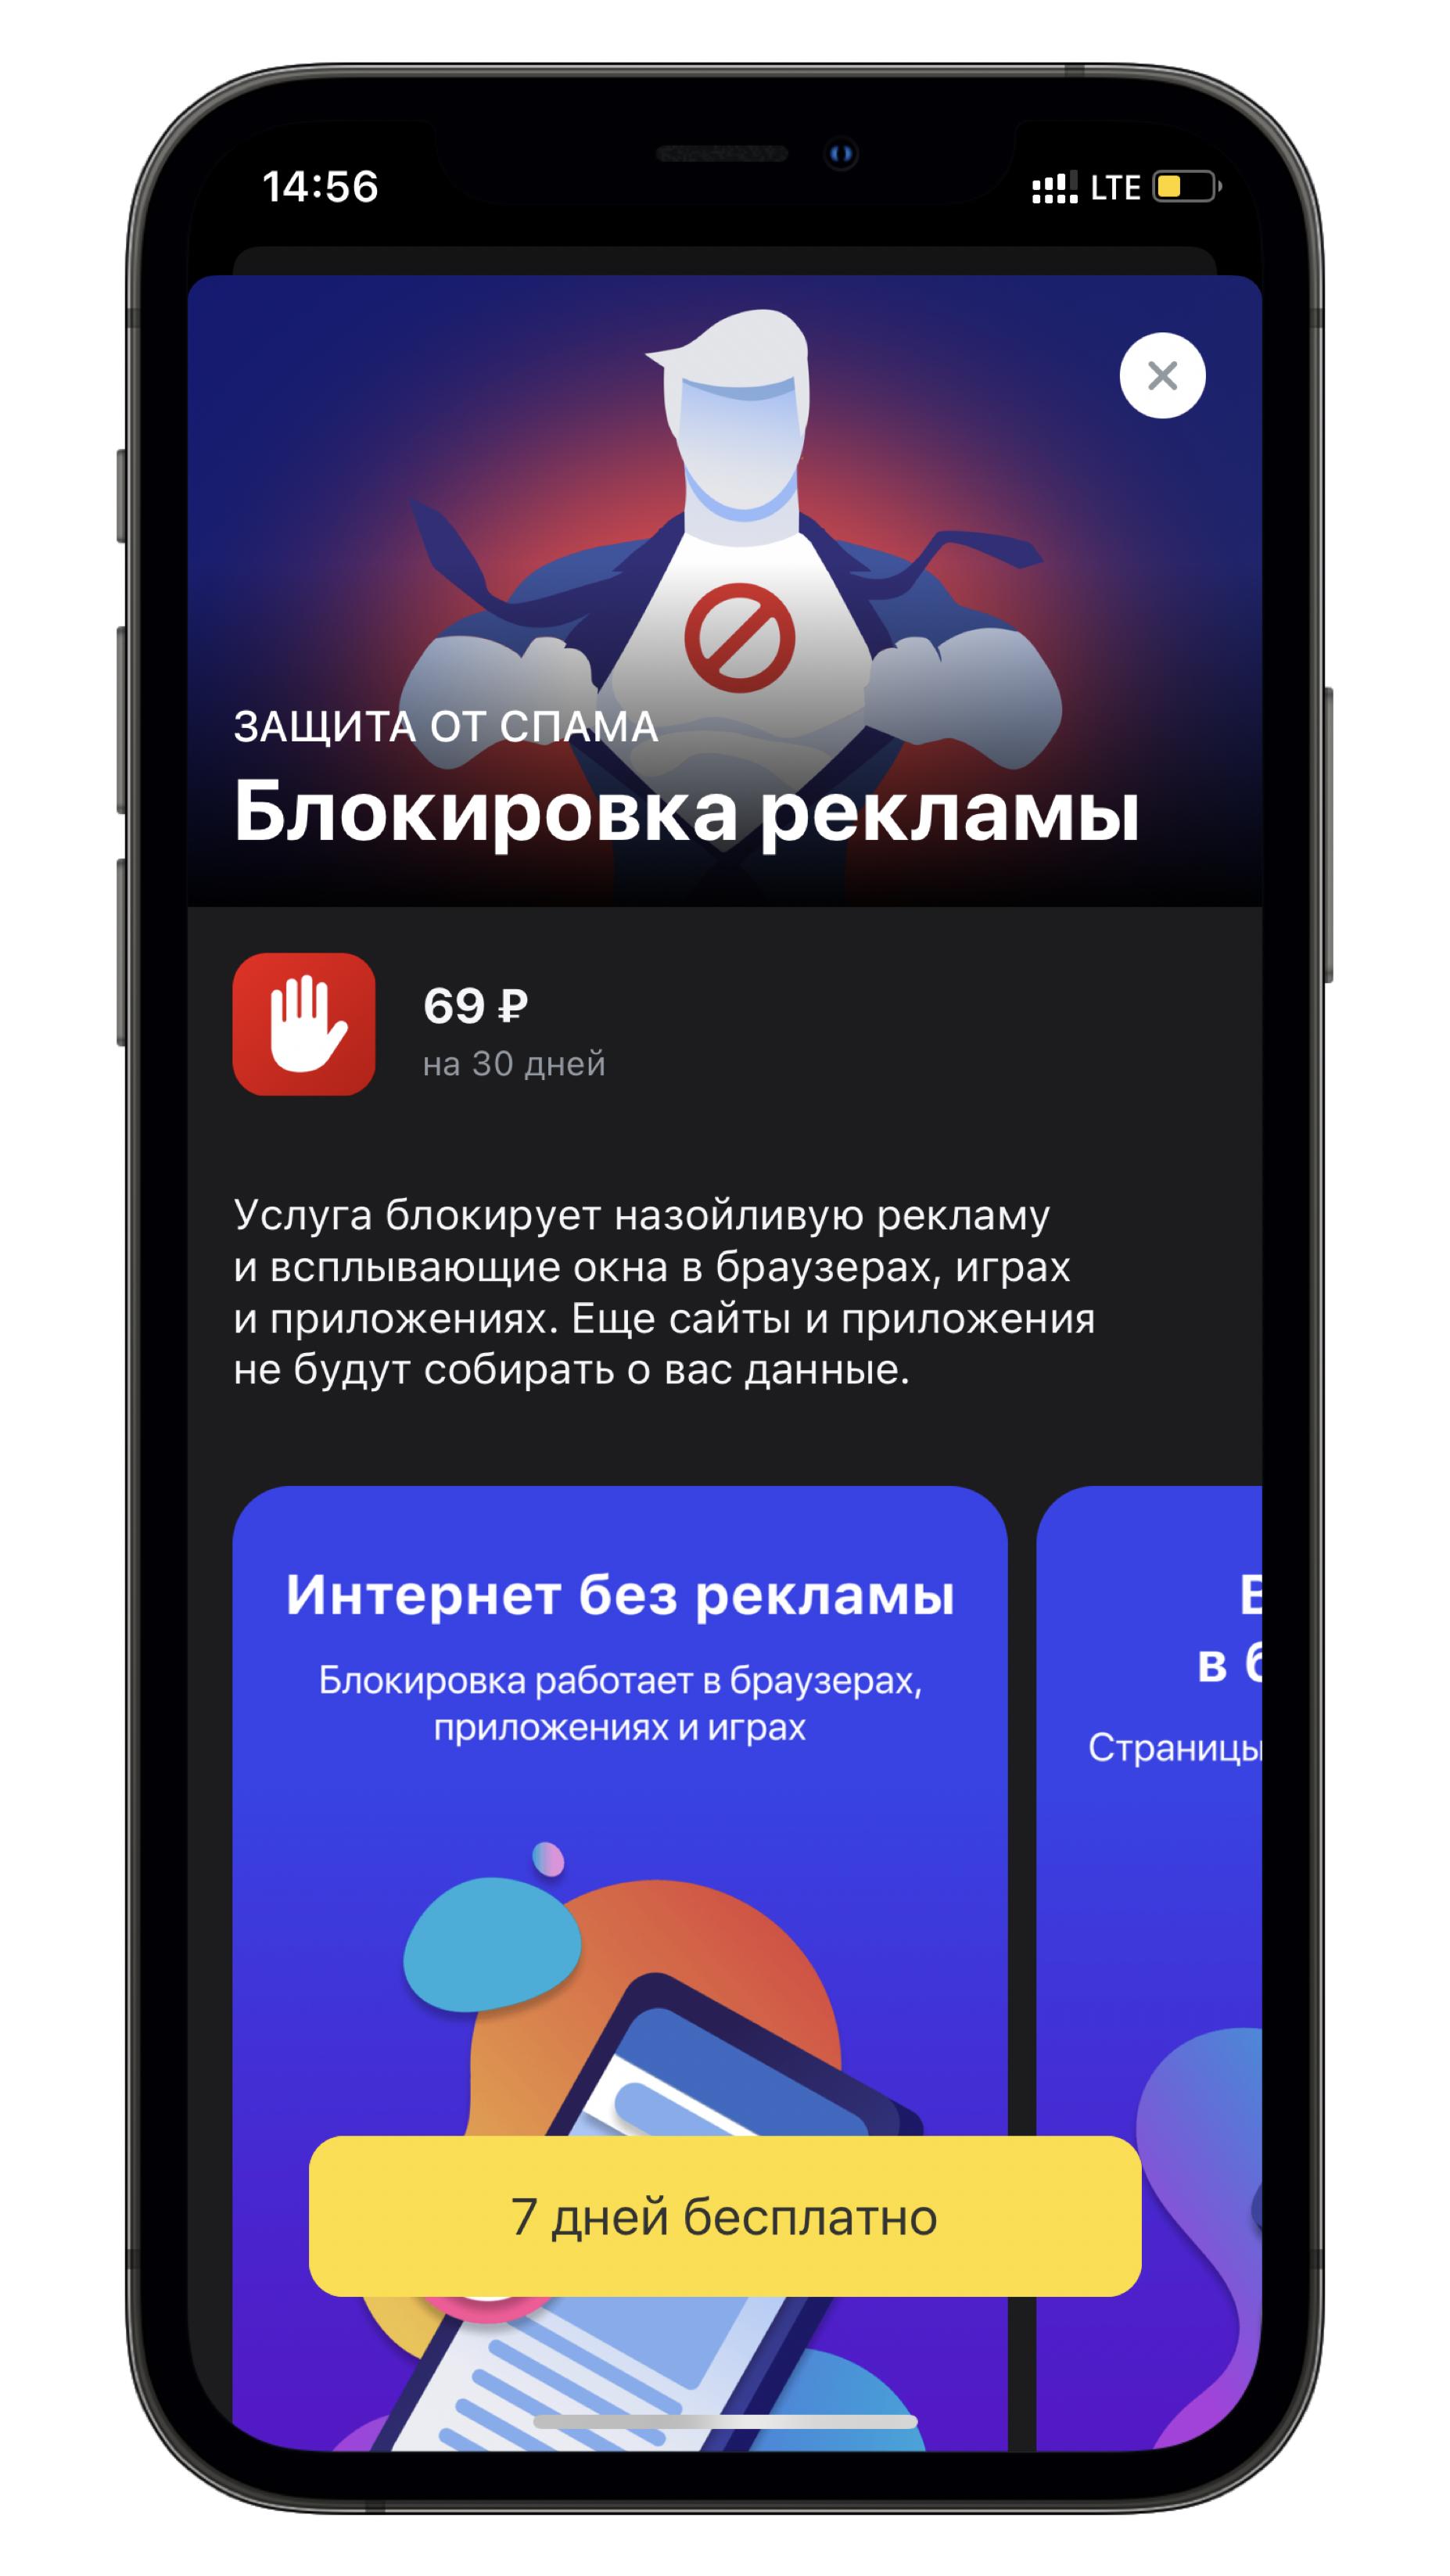 Реклама вне интернета поведенческие факторы yandex Данков